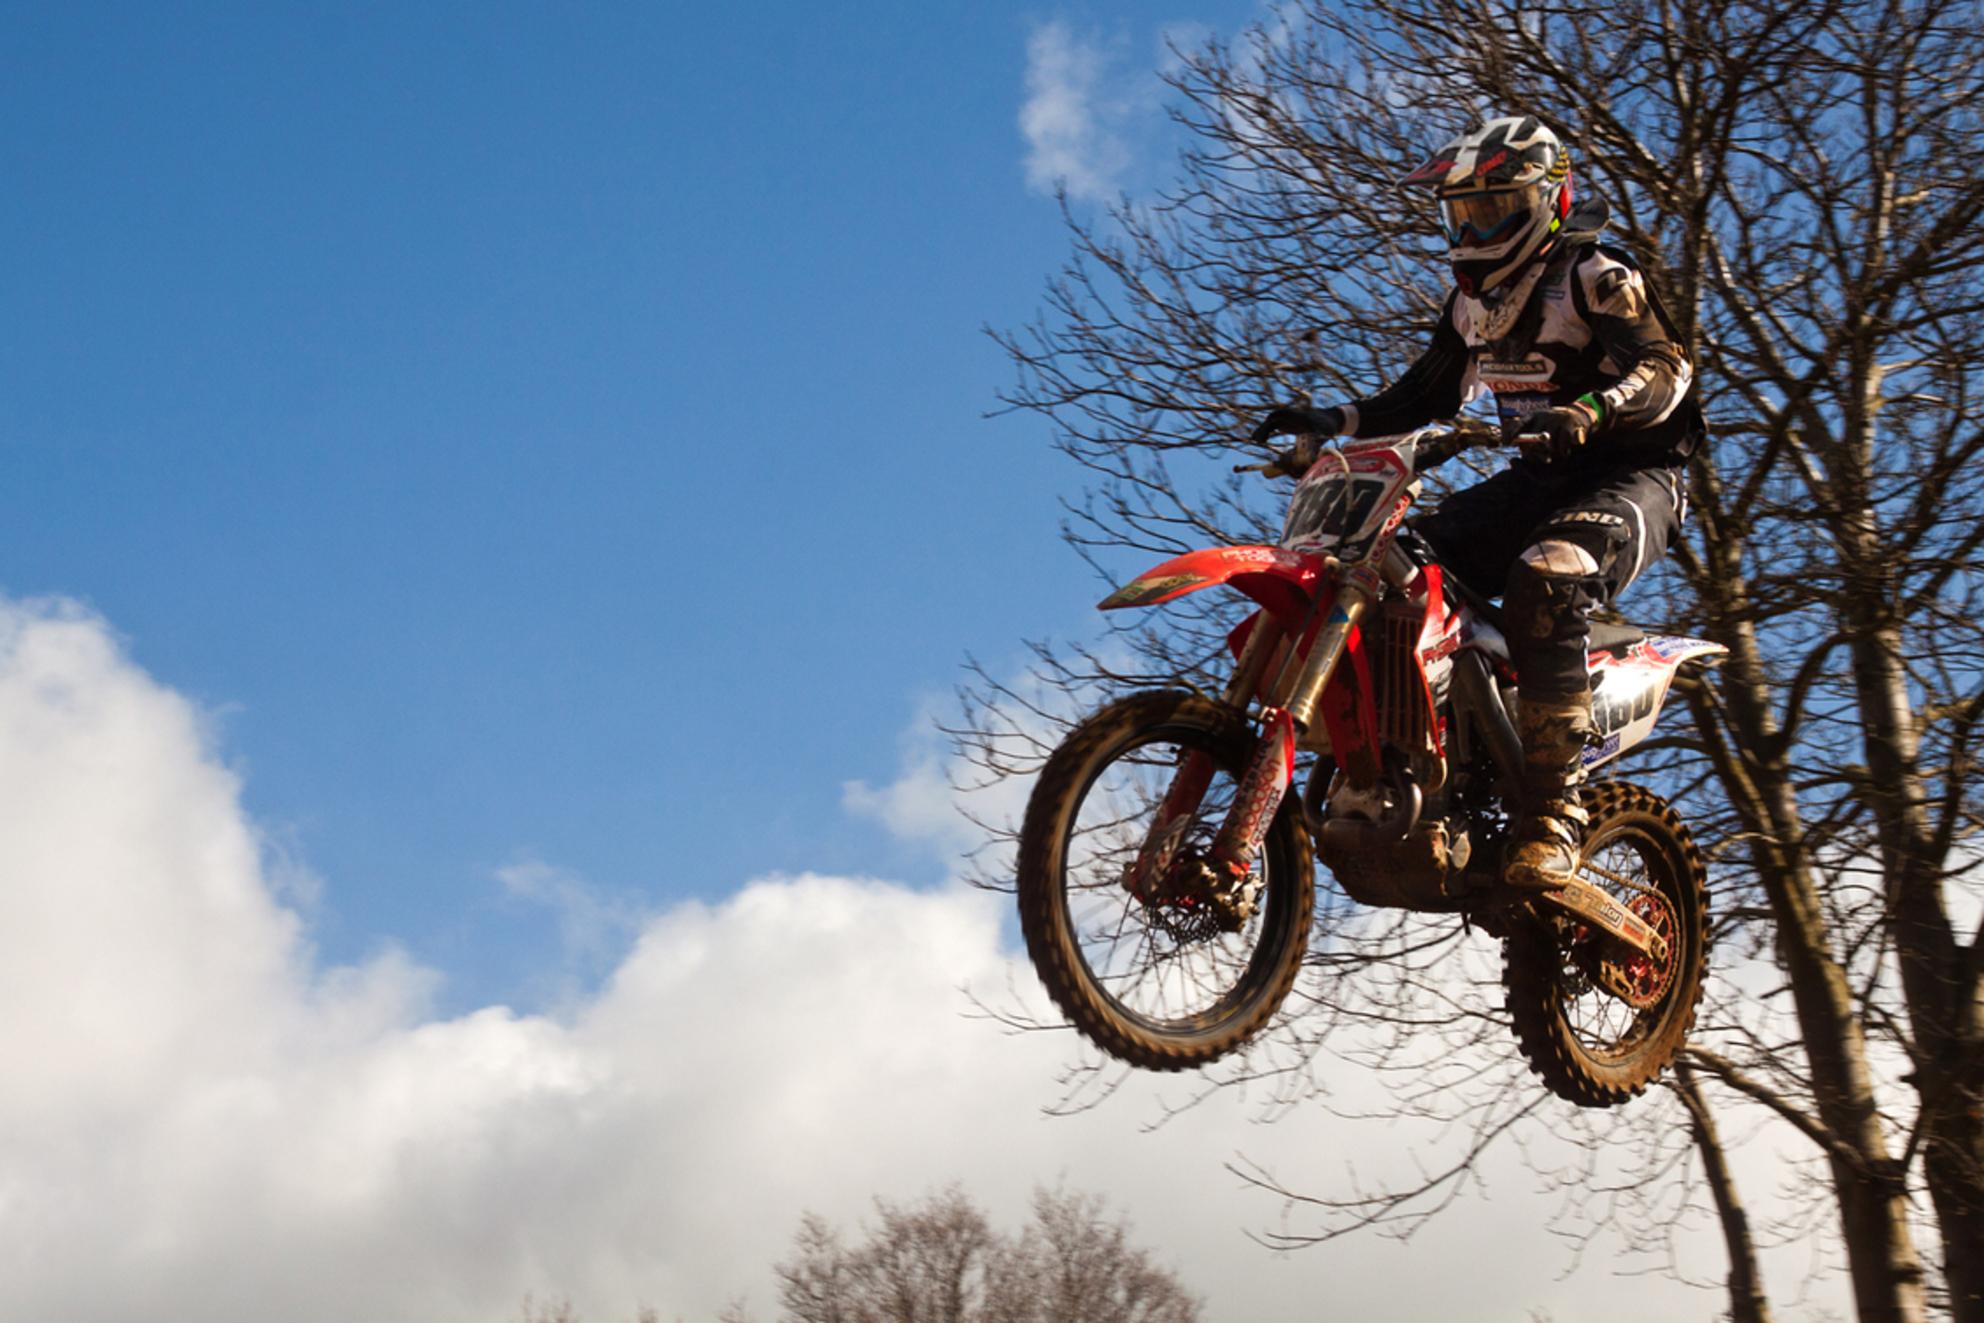 Maarten Cremers - Op verzoek nog twee piloten die het hogerop zoeken... eentje met 1/250 ste en eentje met 1/1000ste... merk het verschil... Dit is trouwens Maarten,  - foto door kosmopol op 06-04-2012 - deze foto bevat: motor, sprong, motocross, kosmopol - Deze foto mag gebruikt worden in een Zoom.nl publicatie